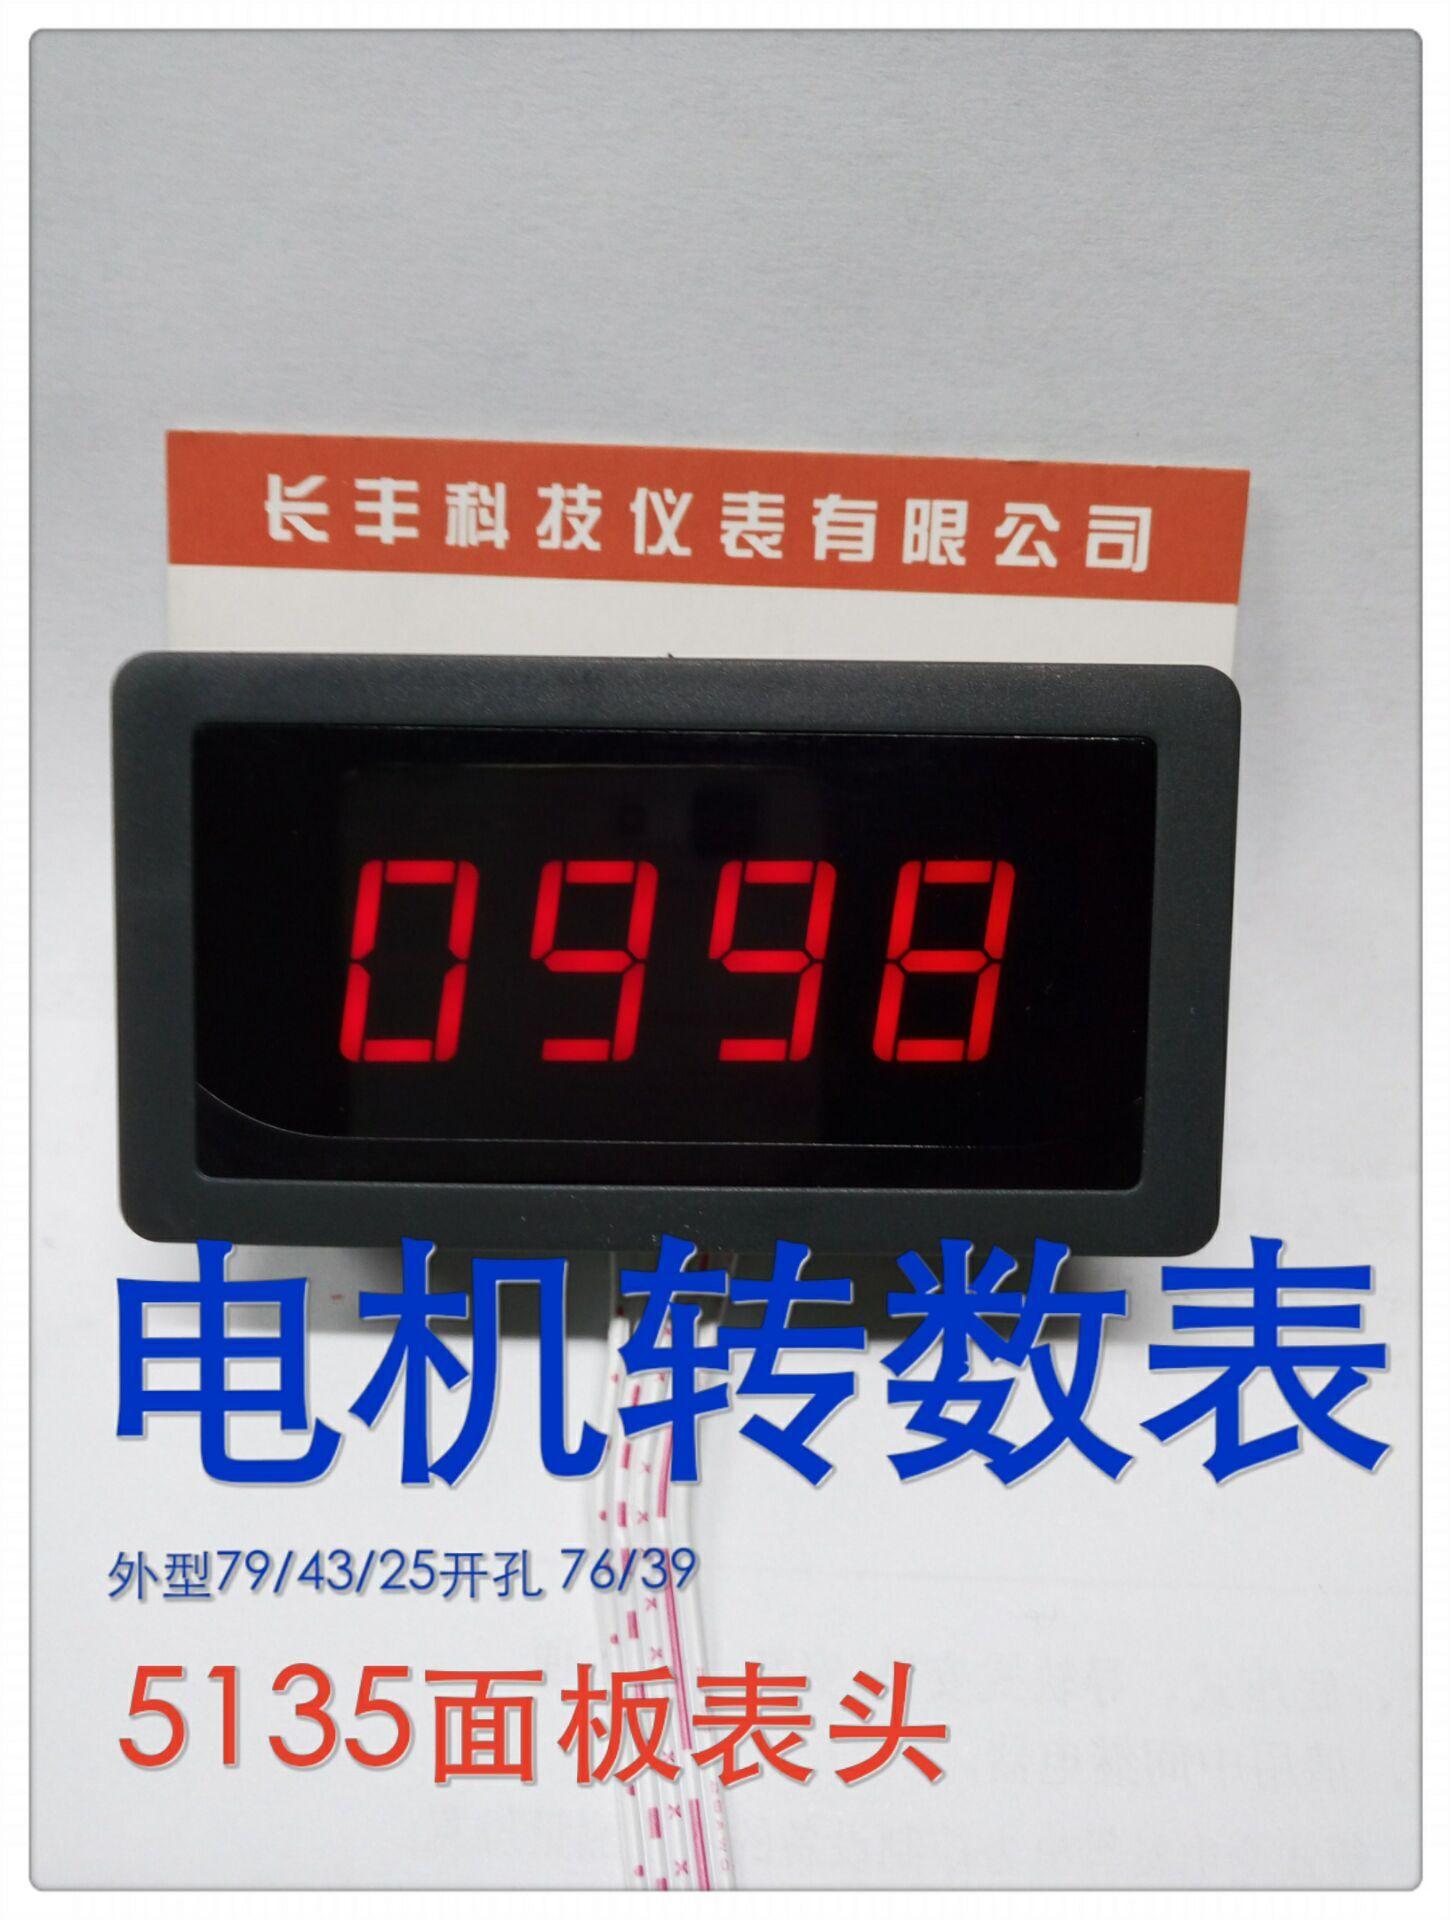 السيارات مقياس سرعة الدوران قياس سرعة الجدول CF5135B-Z4 واحد 9999 مع قاعة التبديل مجموعة شاشة كبيرة مقياس سرعة الدوران